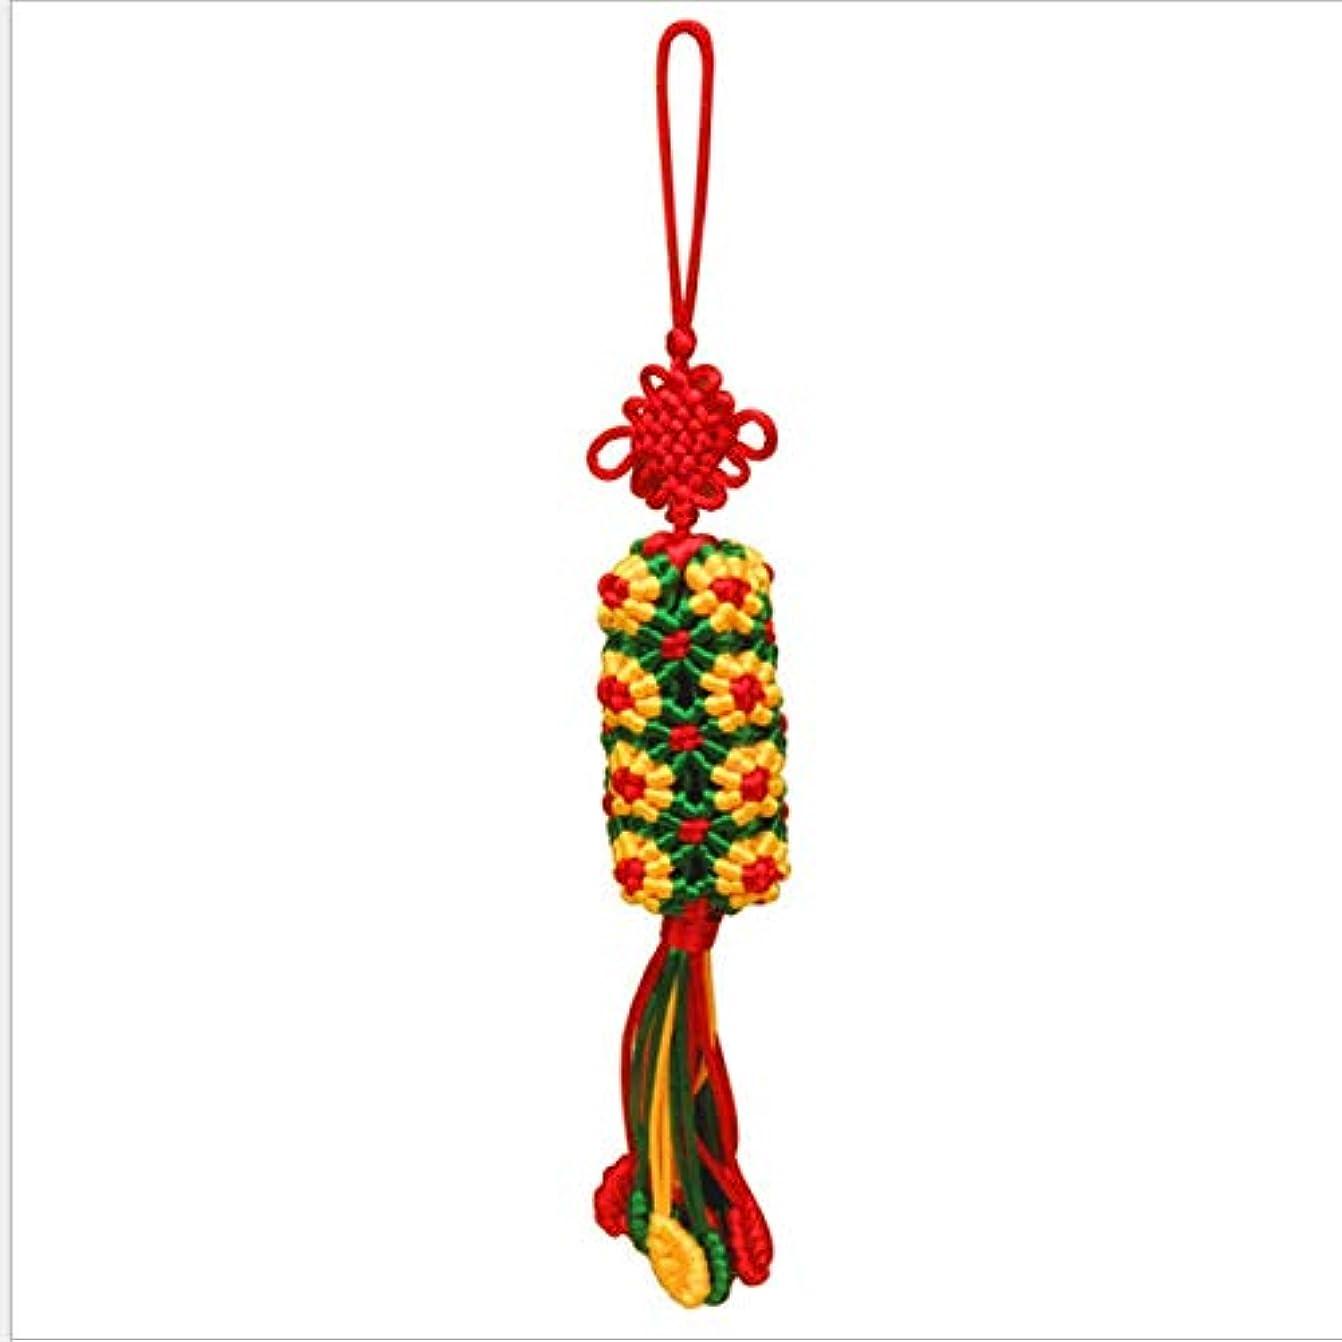 起点国民投票かりてHongyuantongxun 1パック、カラフルなロープの手編みの小さなペンダント、ひまわりのペンダント、フリンジサテンのチャイニーズノット(赤),、装飾品ペンダント (Color : Red)